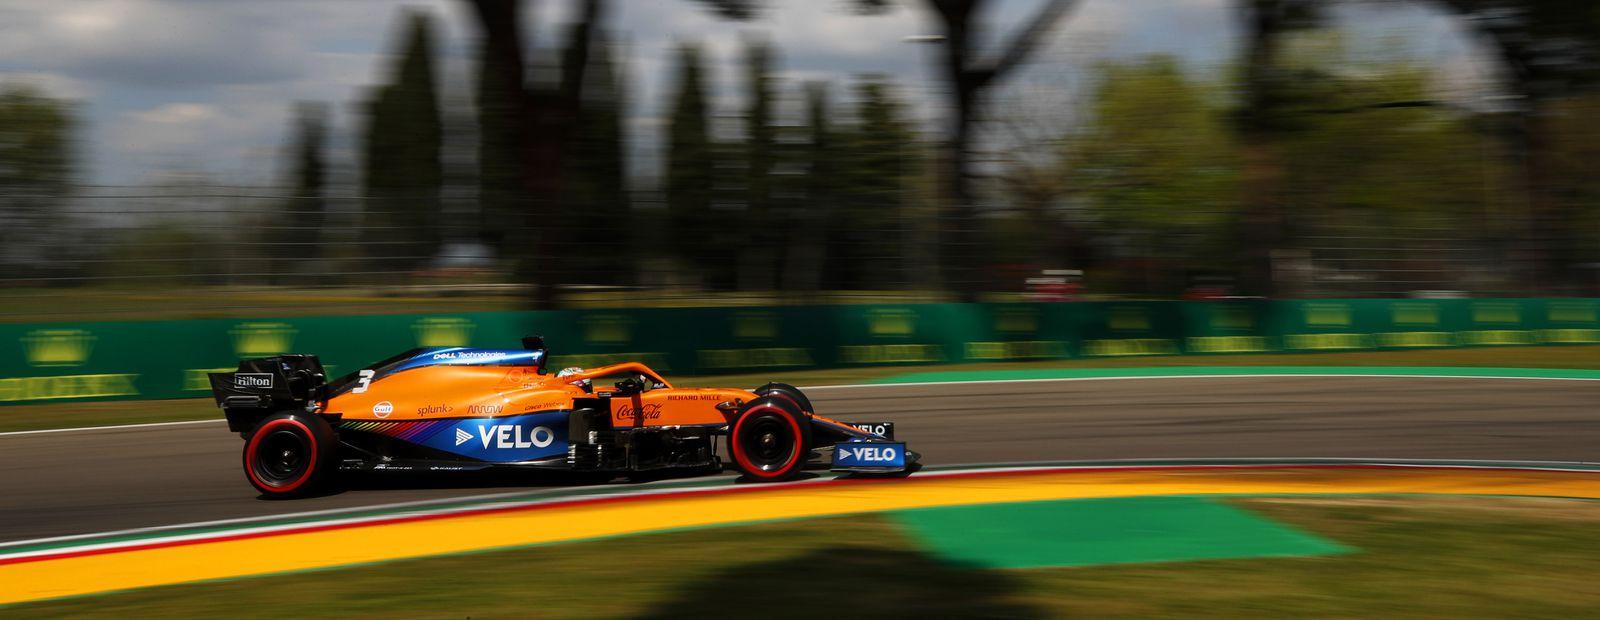 2021 Emilia Romagna Grand Prix – Qualifying